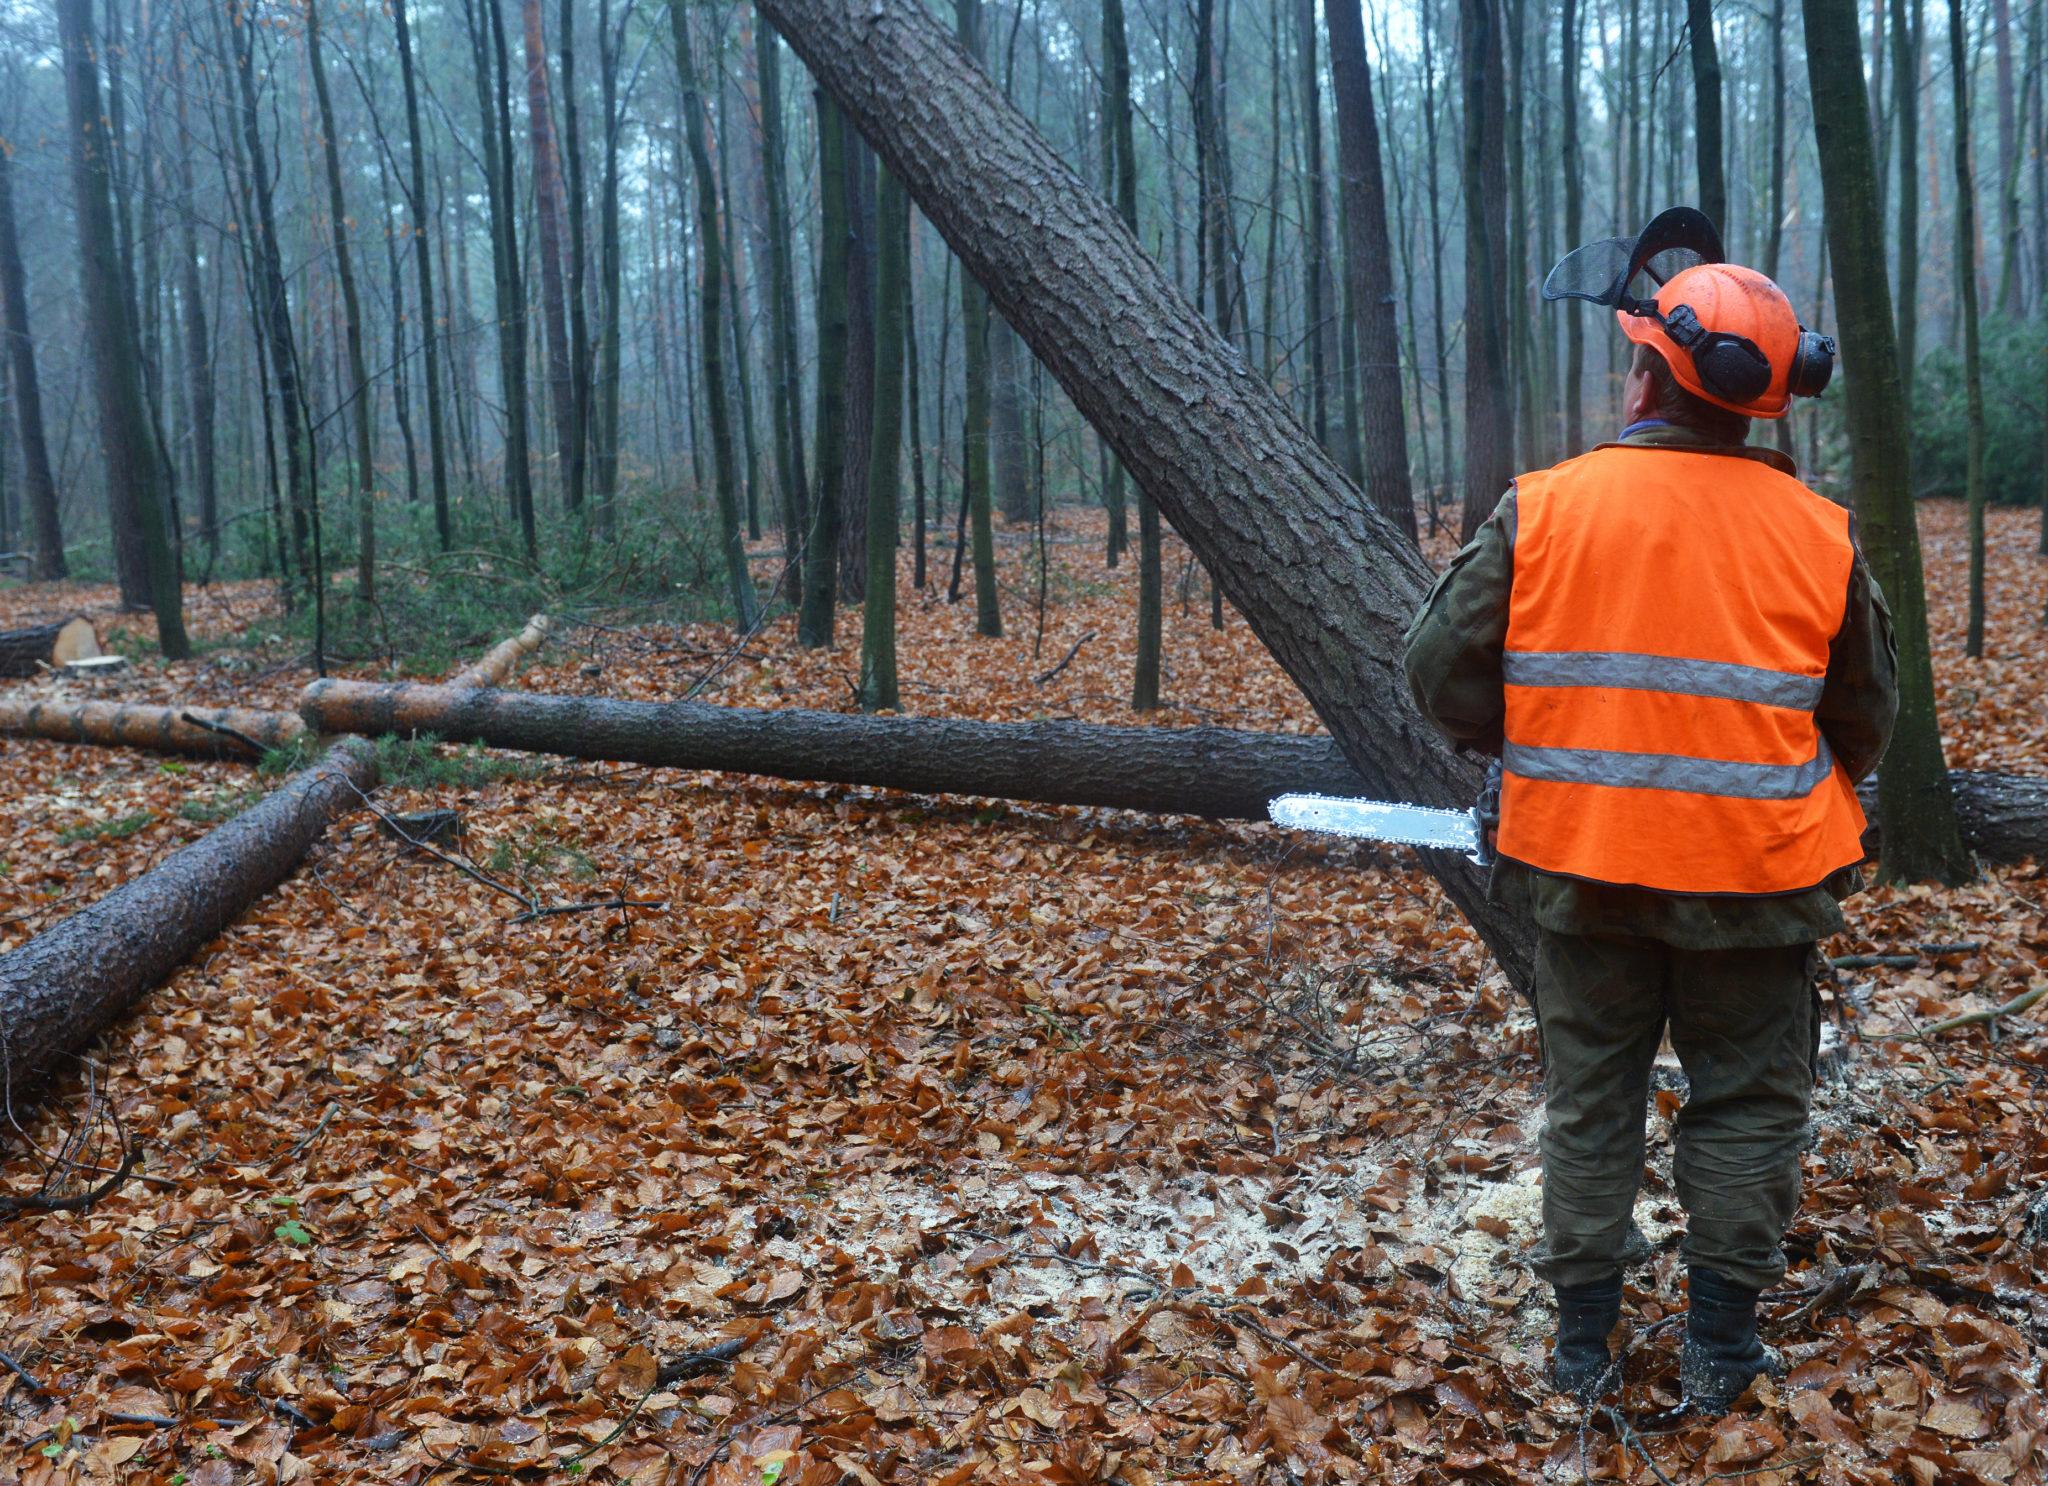 Forestry worker - lumberjack cutting tree